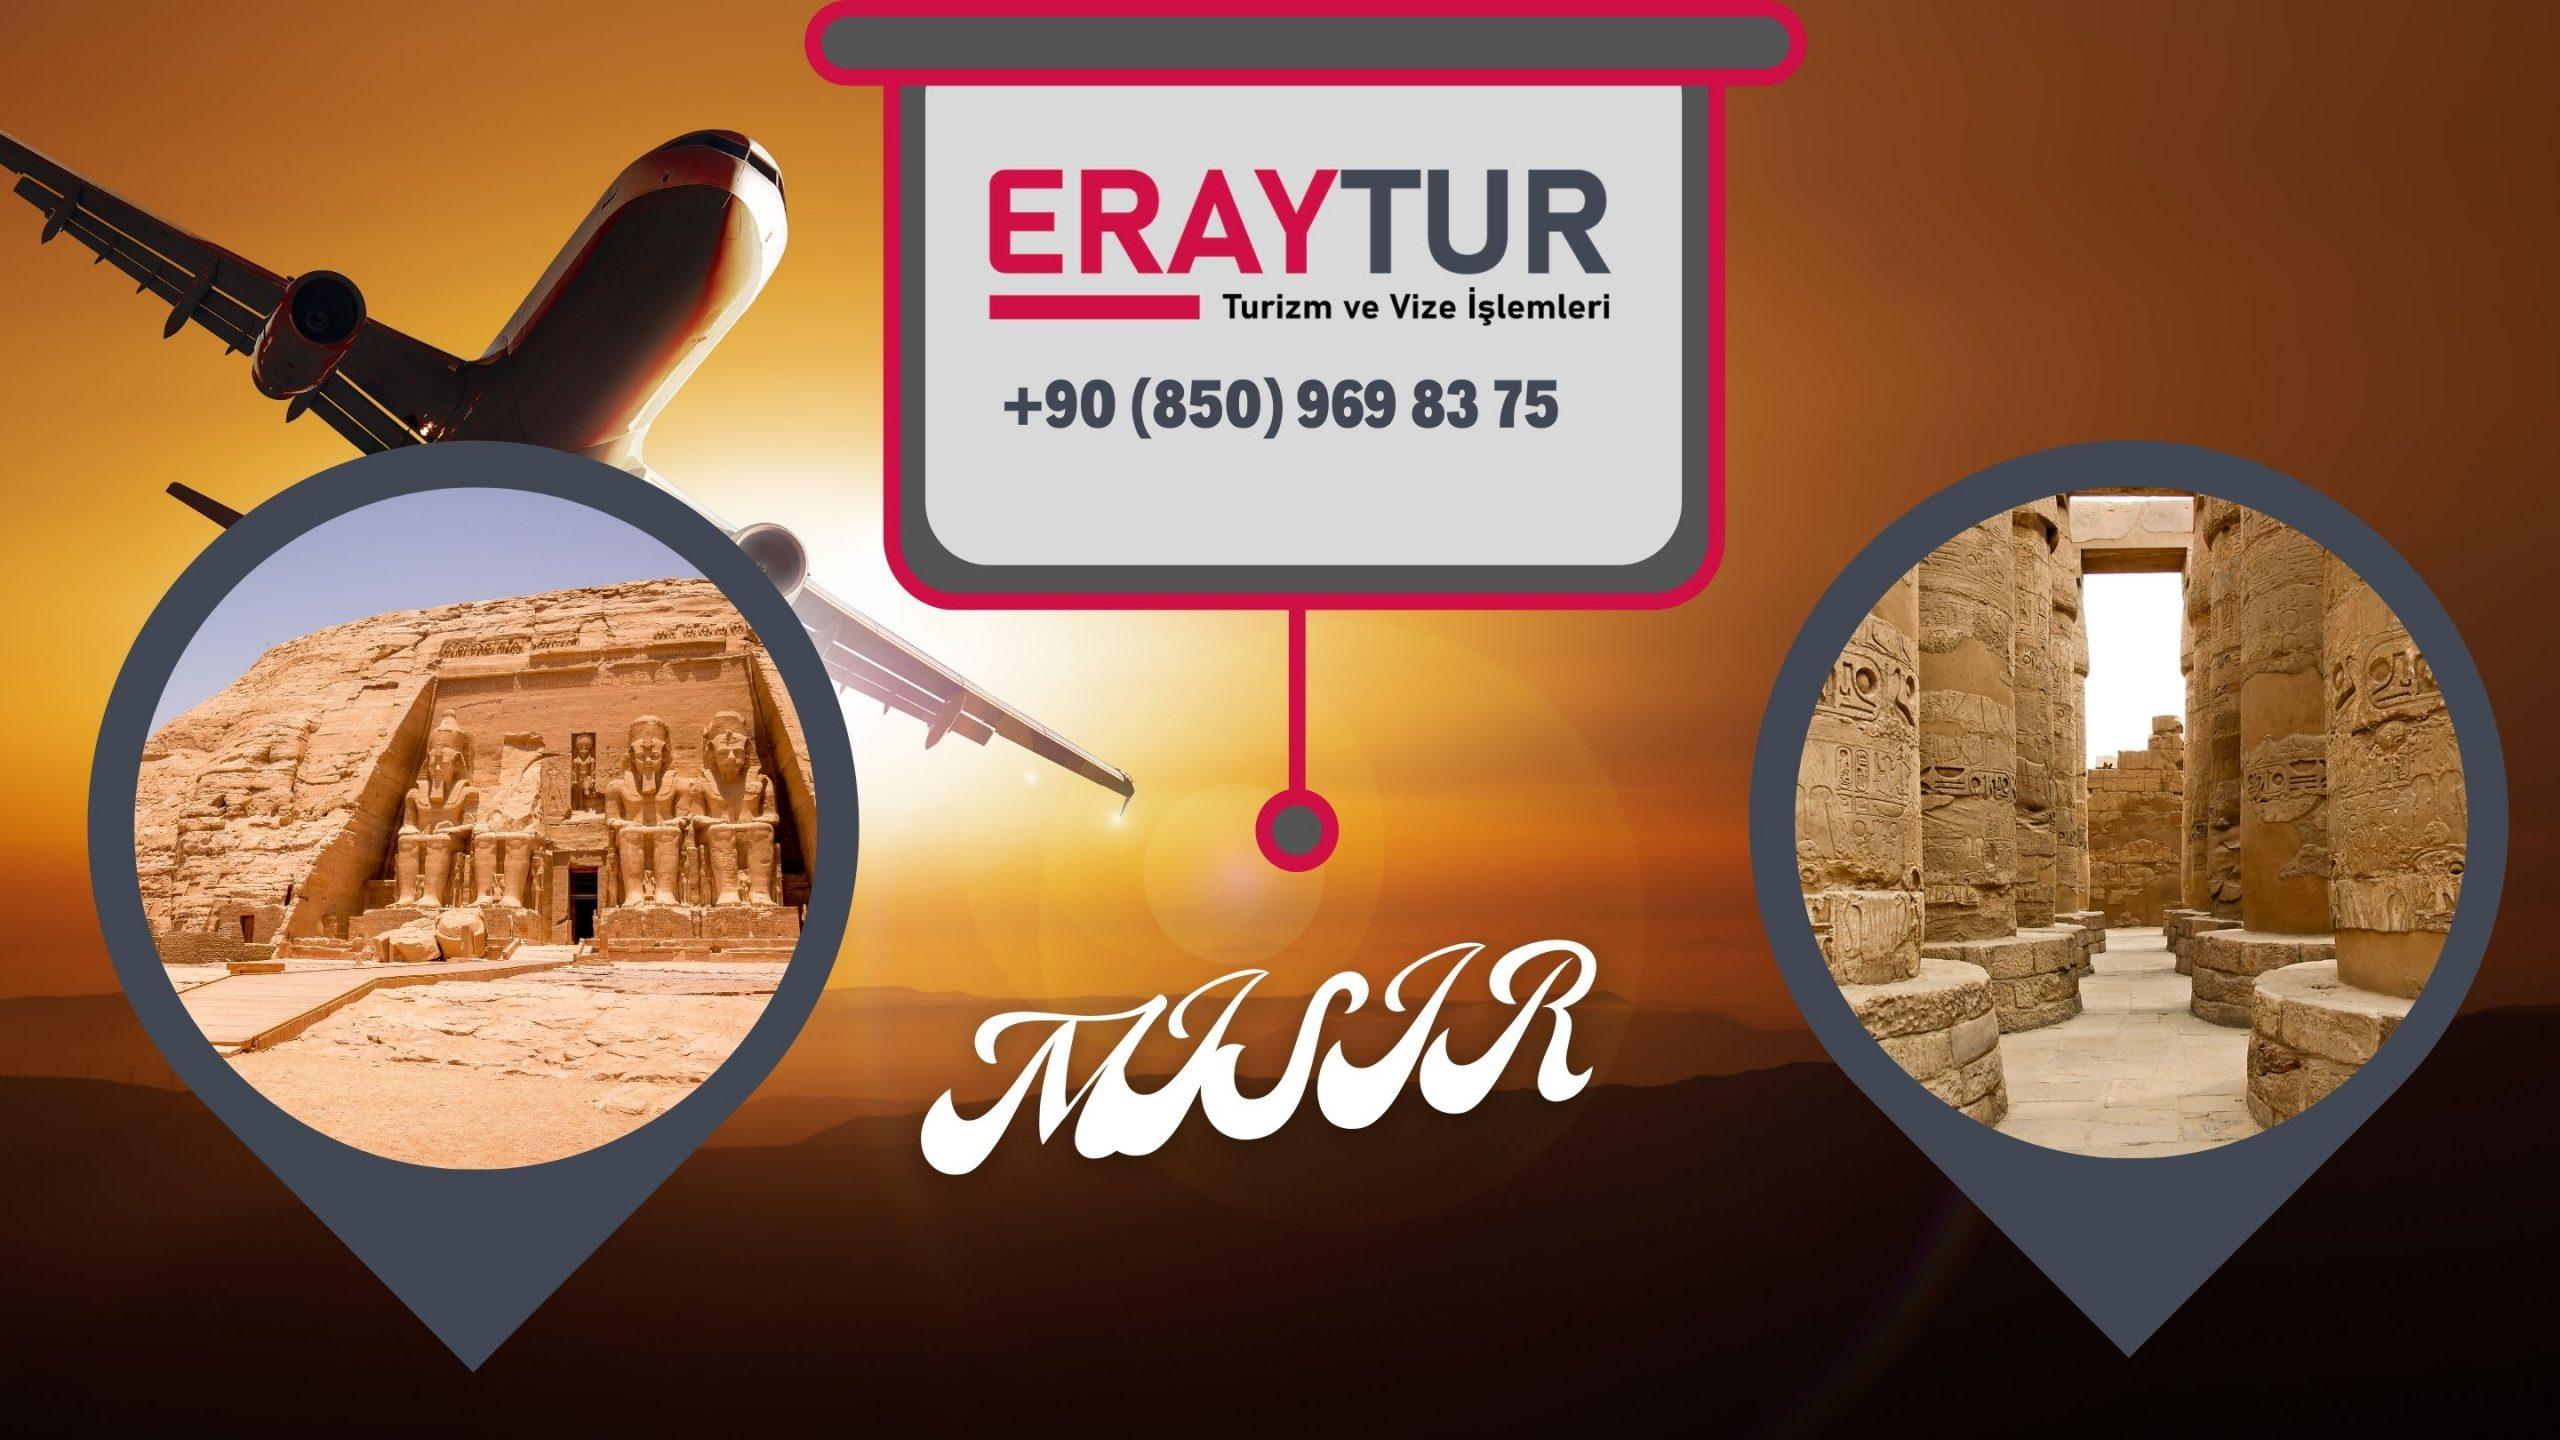 Mısır Vizesi Başvuru Merkezleri